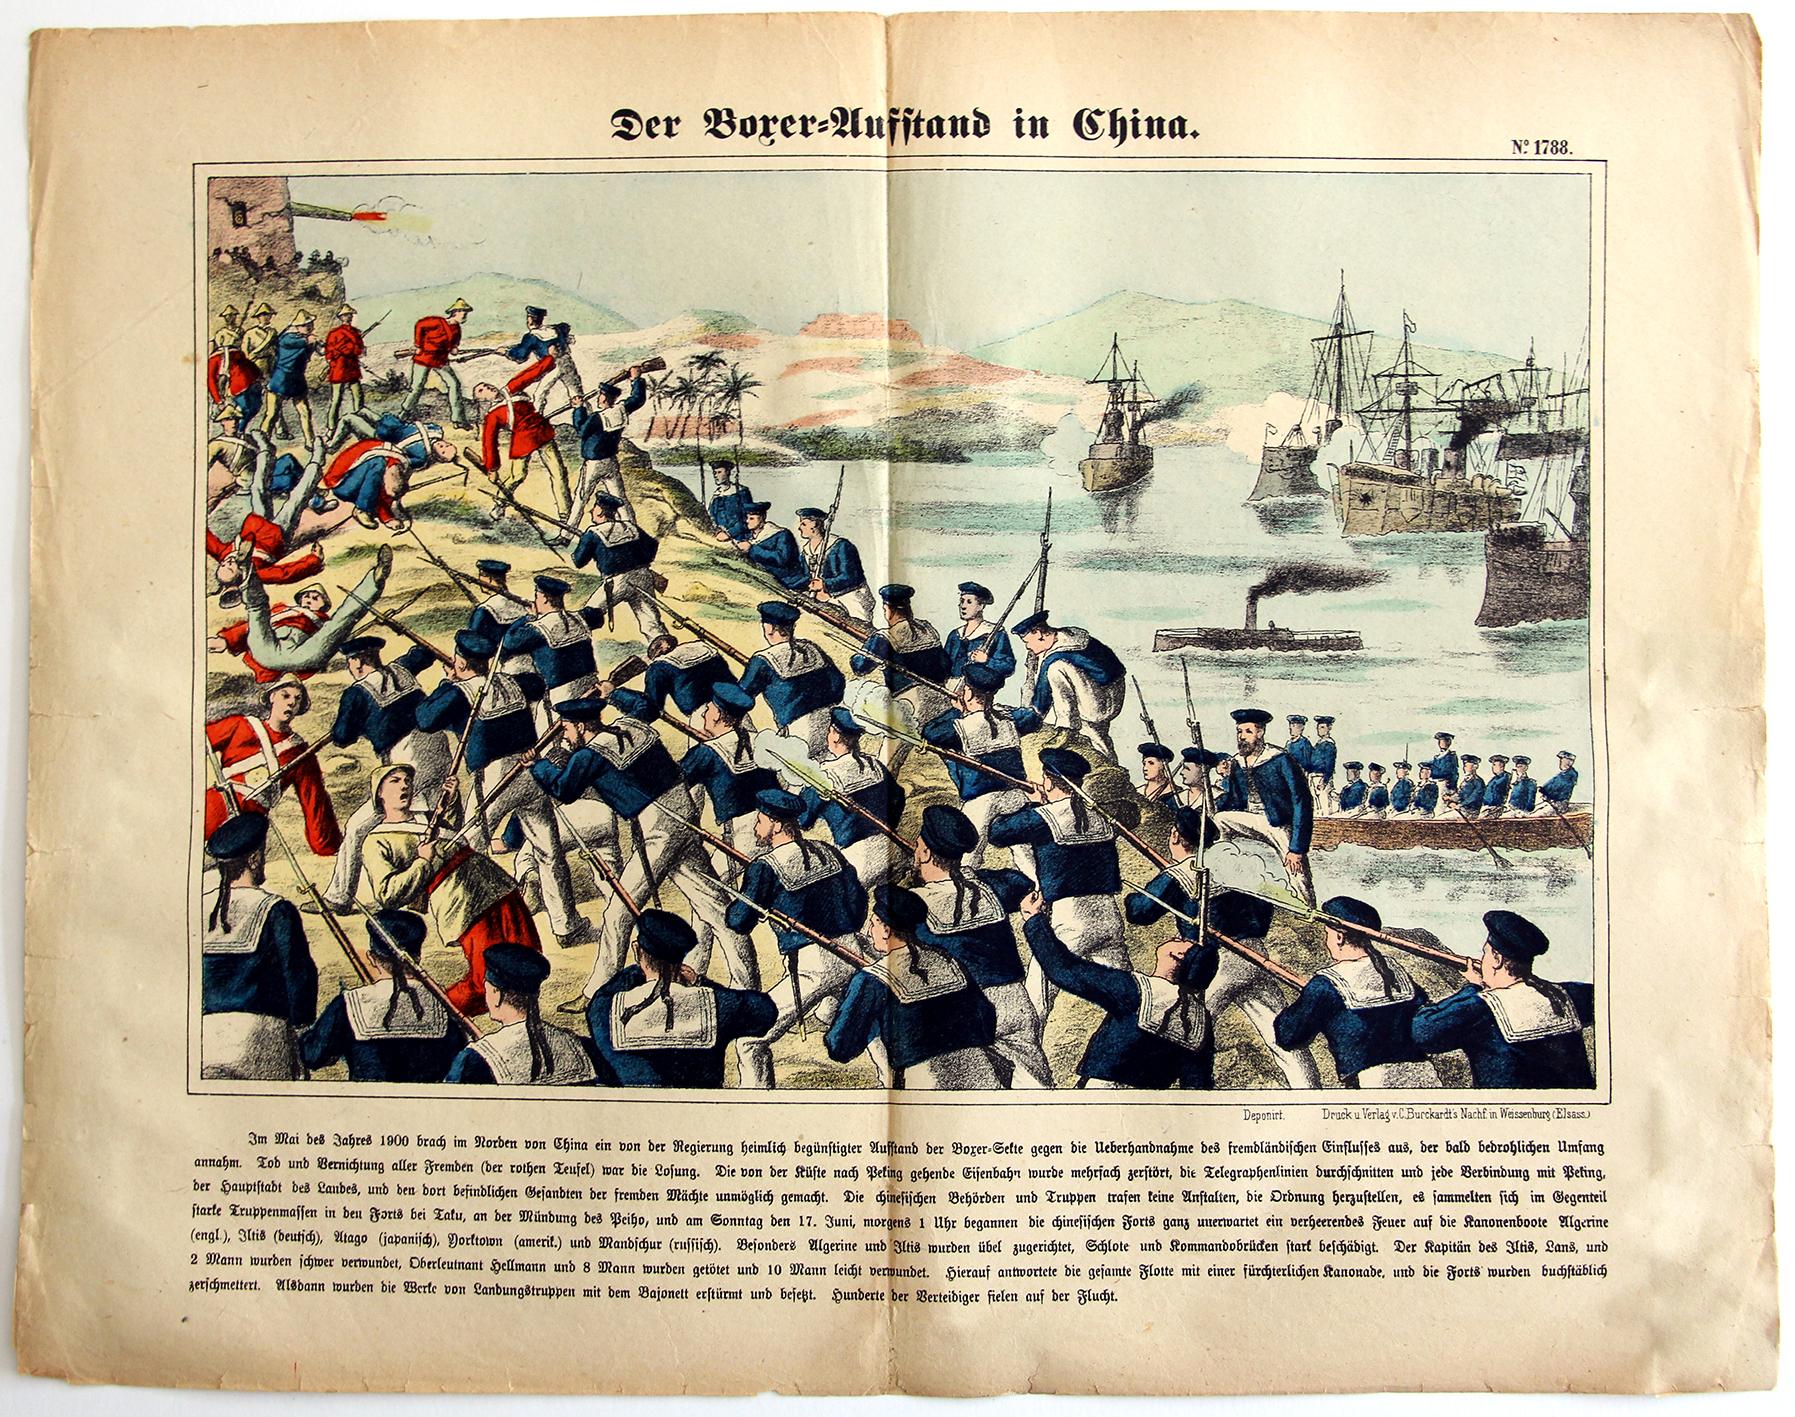 Planche imagerie Wissembourg - C.Burckardt - Révolte des Boxers - Débarquement international - Empire allemand - France - 1900